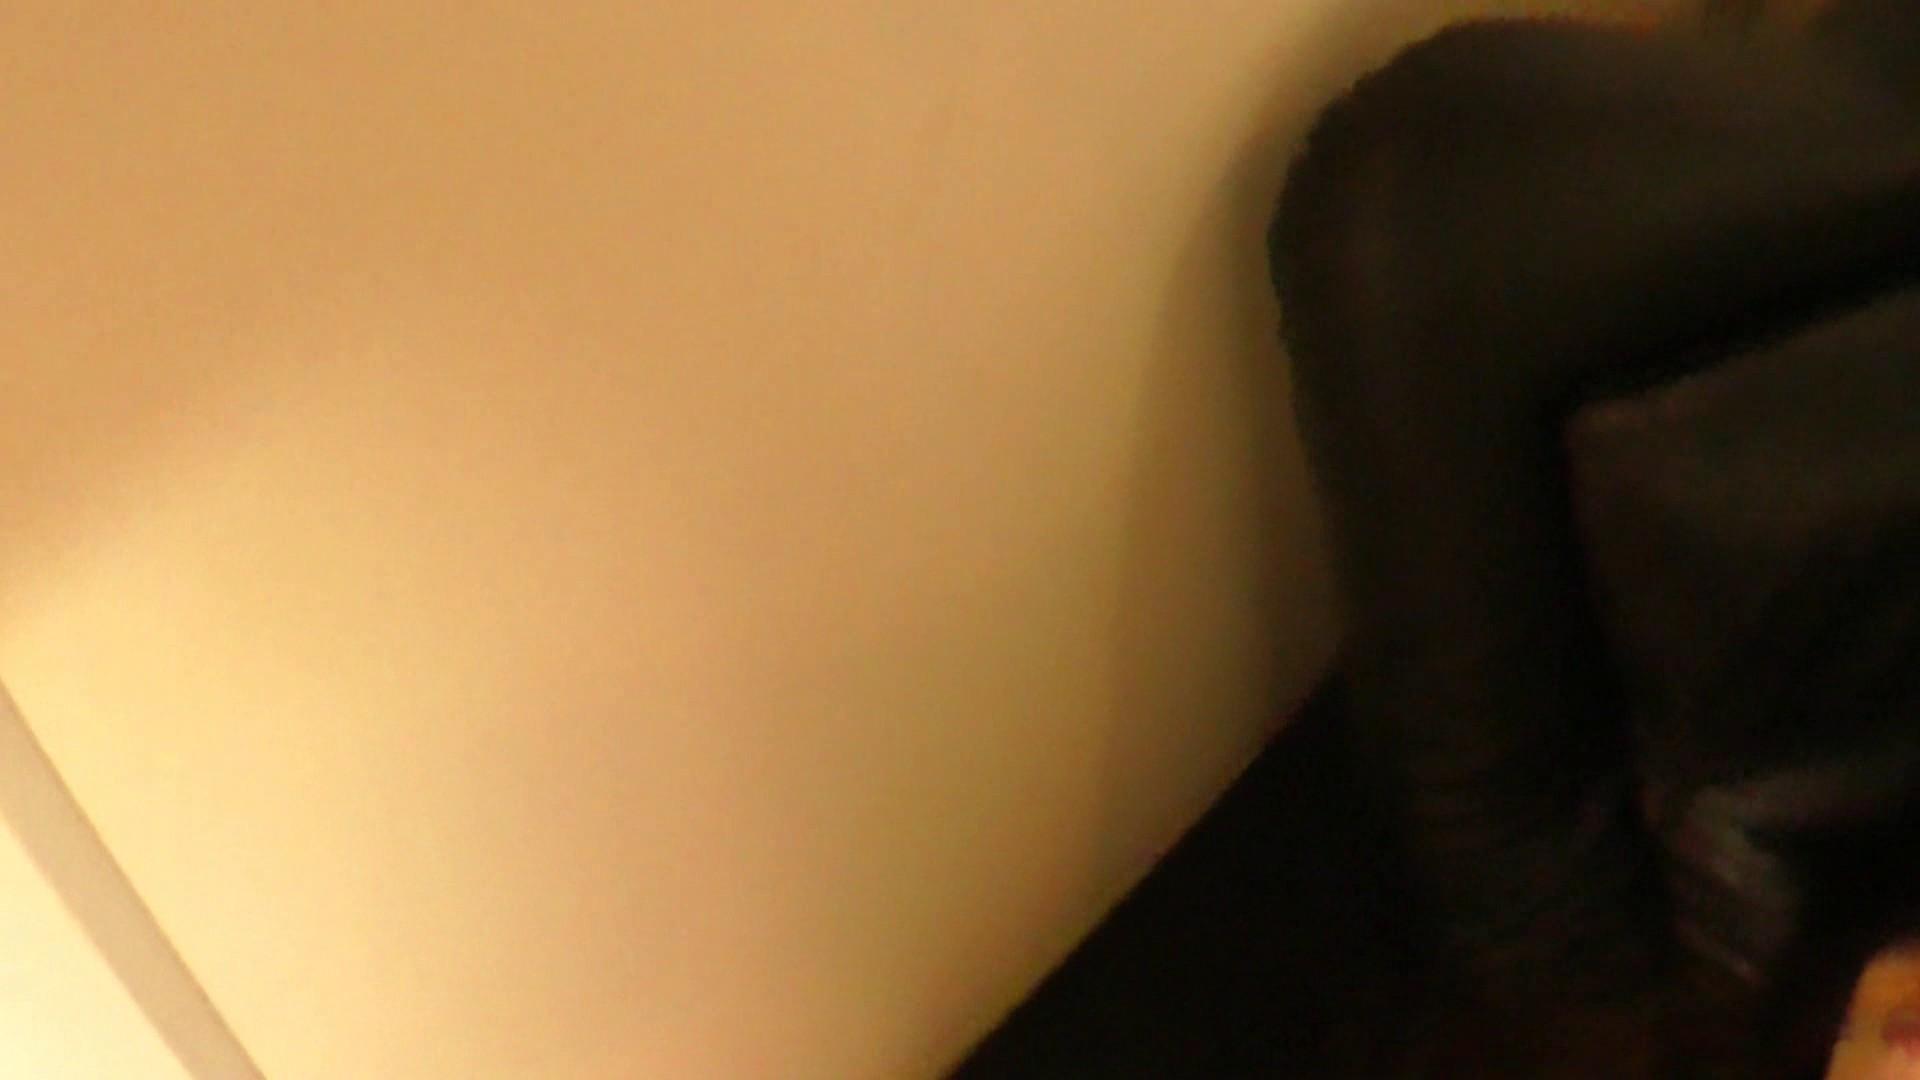 悪戯ネットカフェ Vol.08後編 なのでニュルっと【2015・26位】 悪戯   セックス  86枚 29